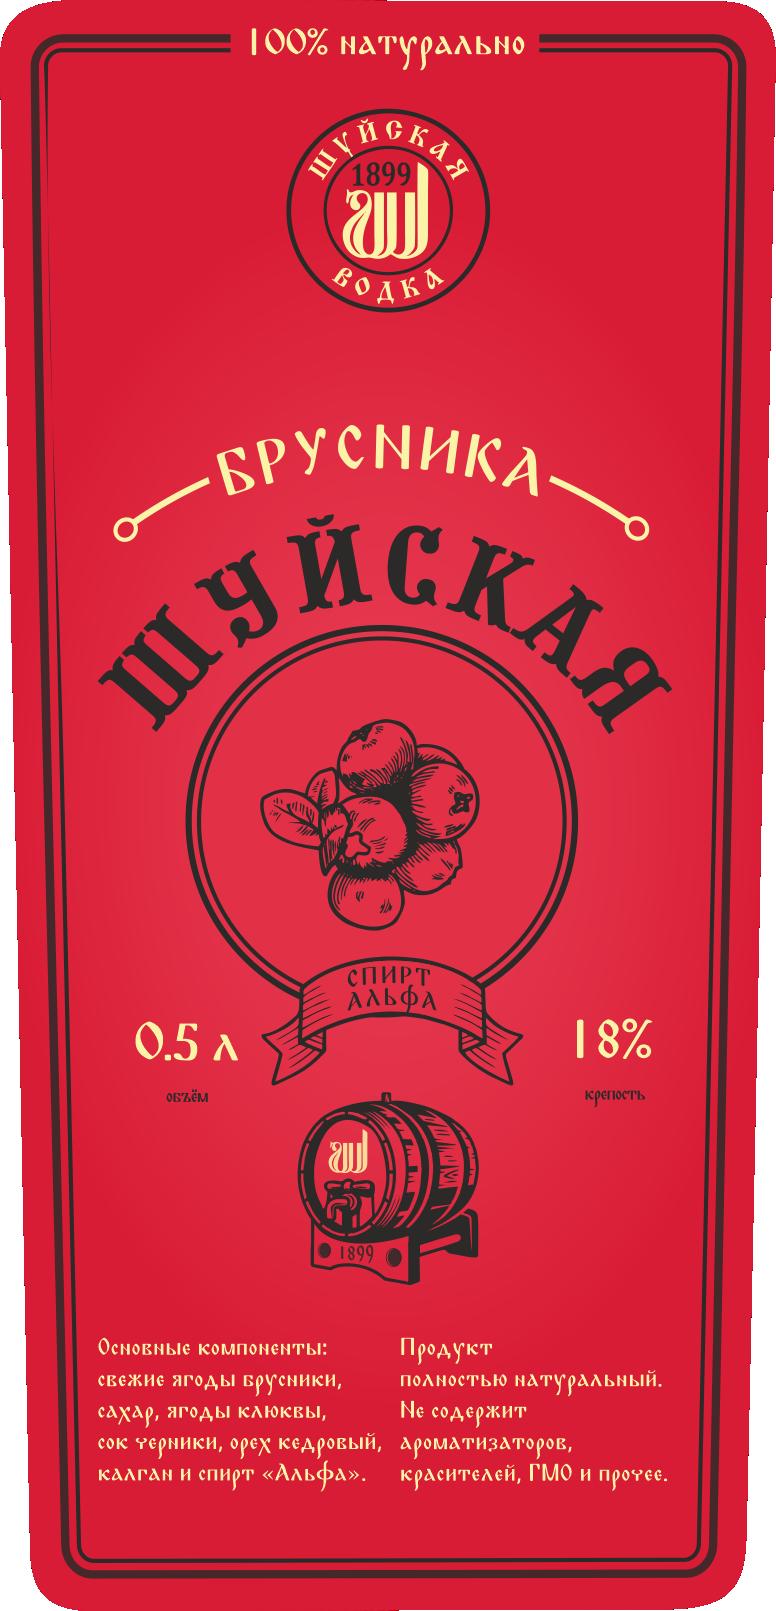 Дизайн этикетки алкогольного продукта (сладкая настойка) фото f_8105f8d92bb6208d.png